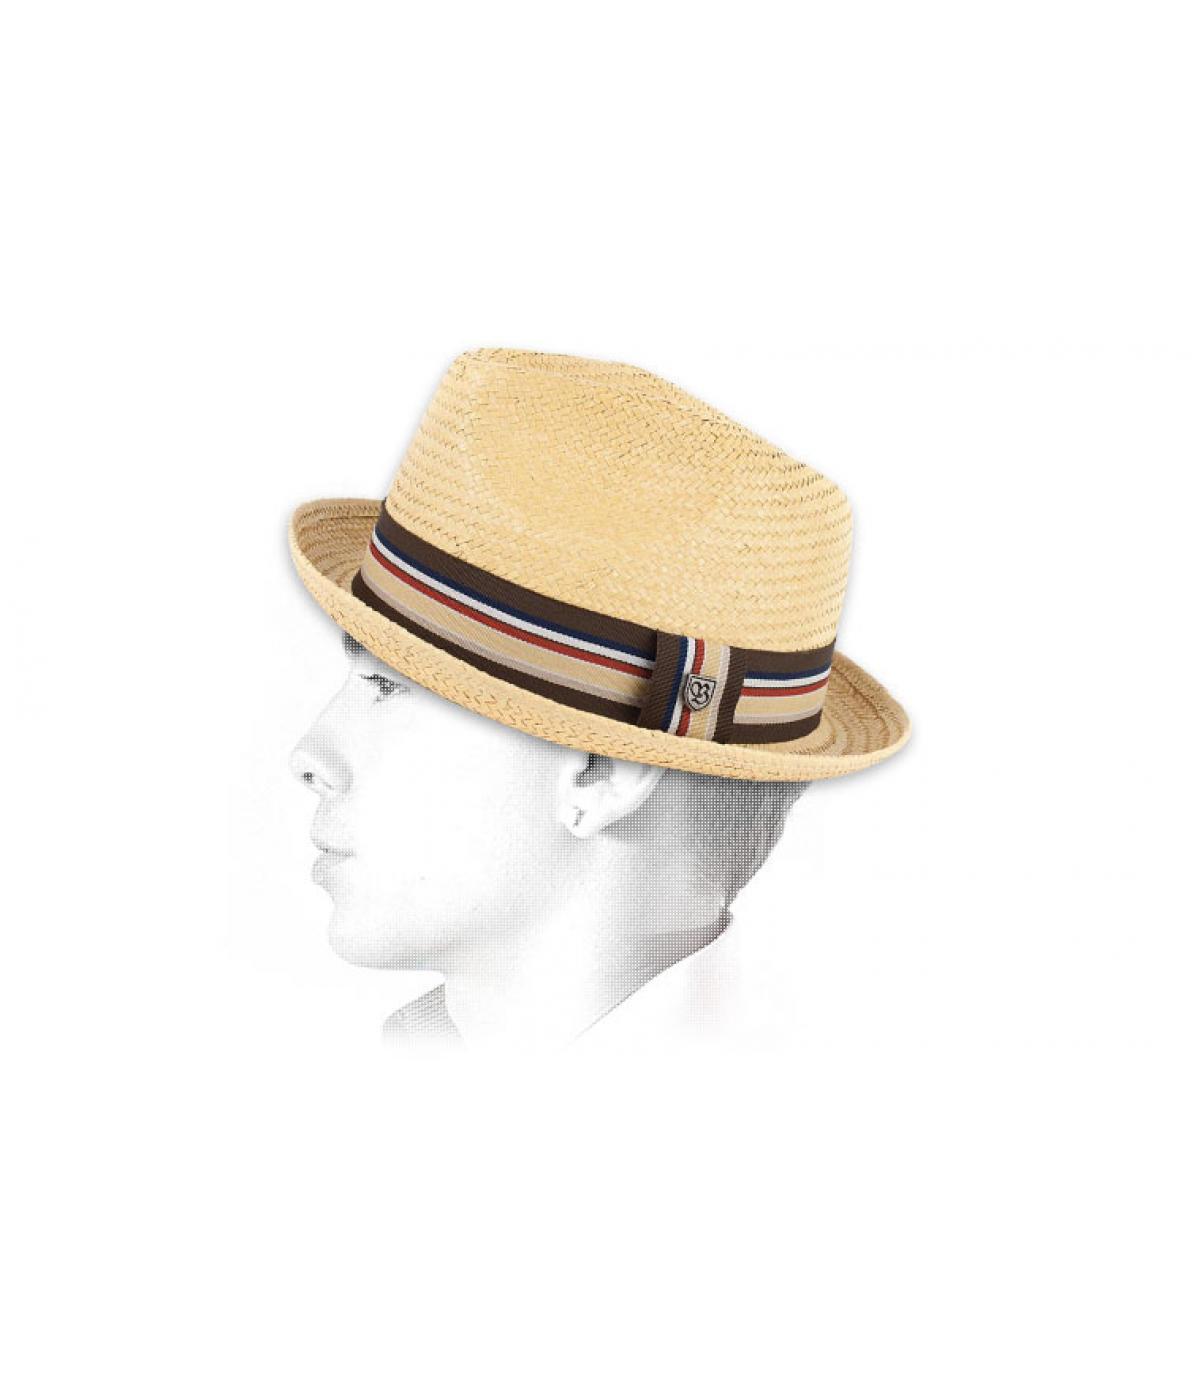 chapeau en paille homme